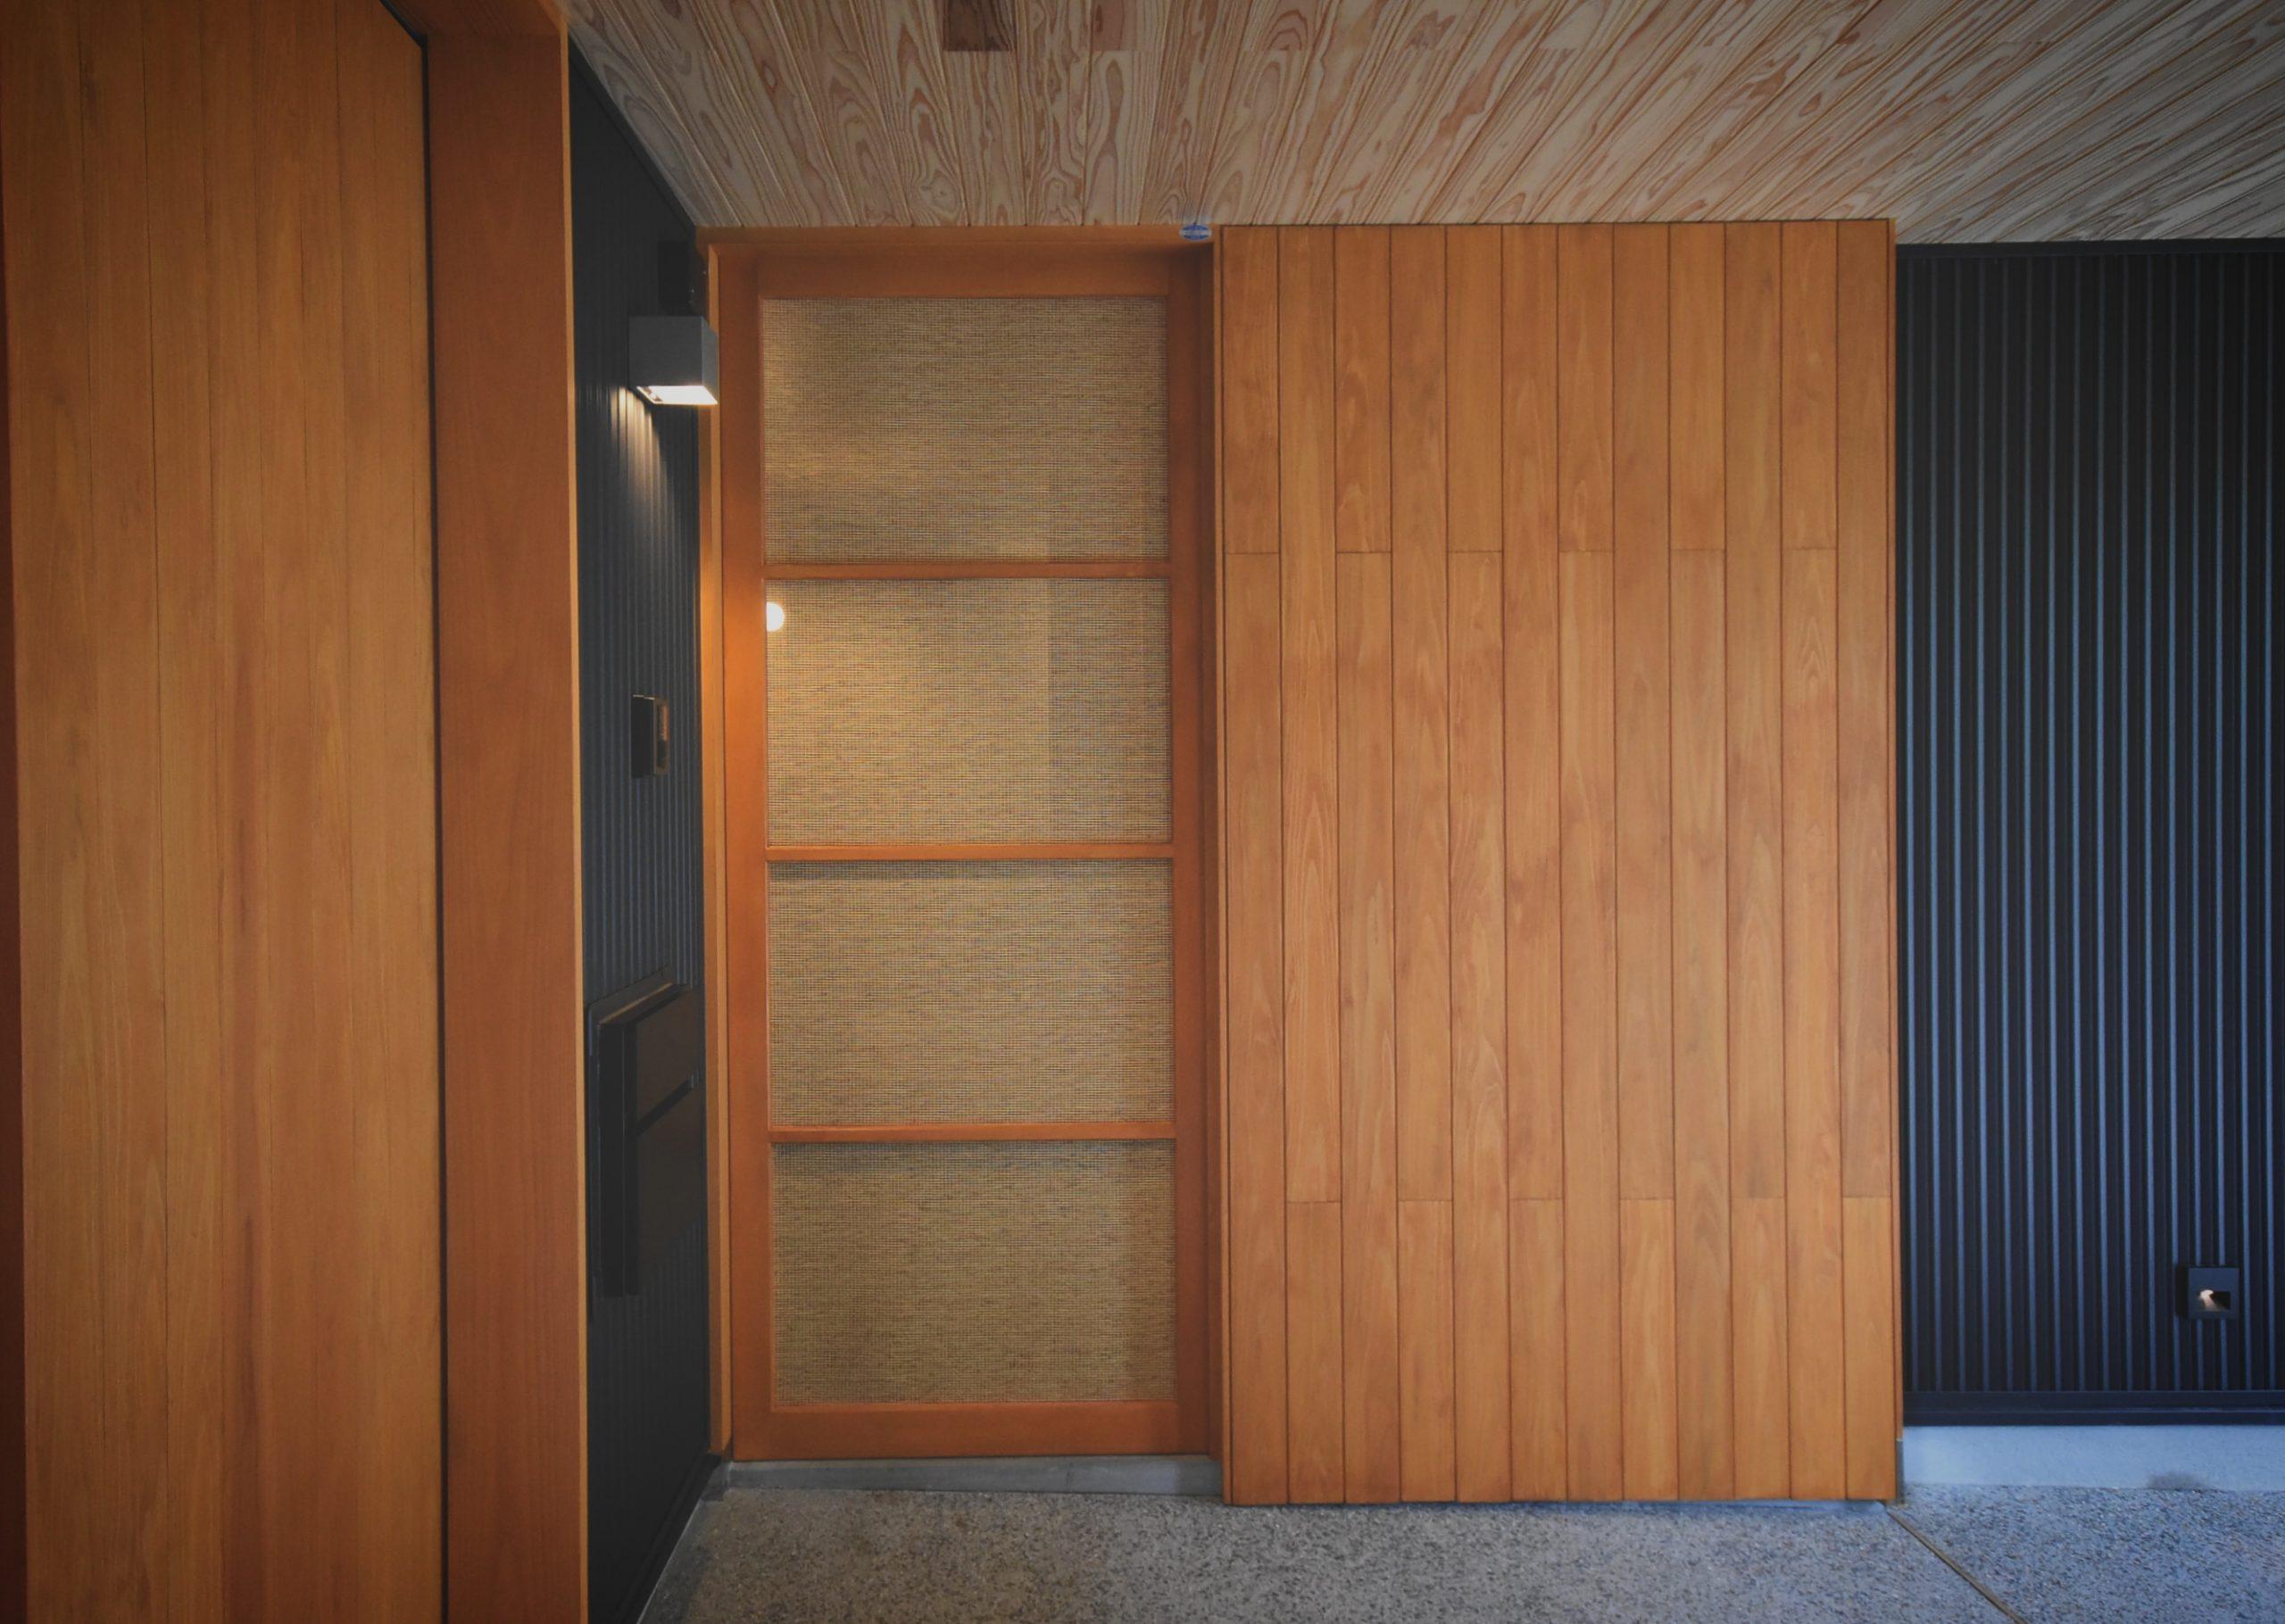 田迎の住宅:インナーガレージから雨にぬれずに玄関に入ることが可能です。